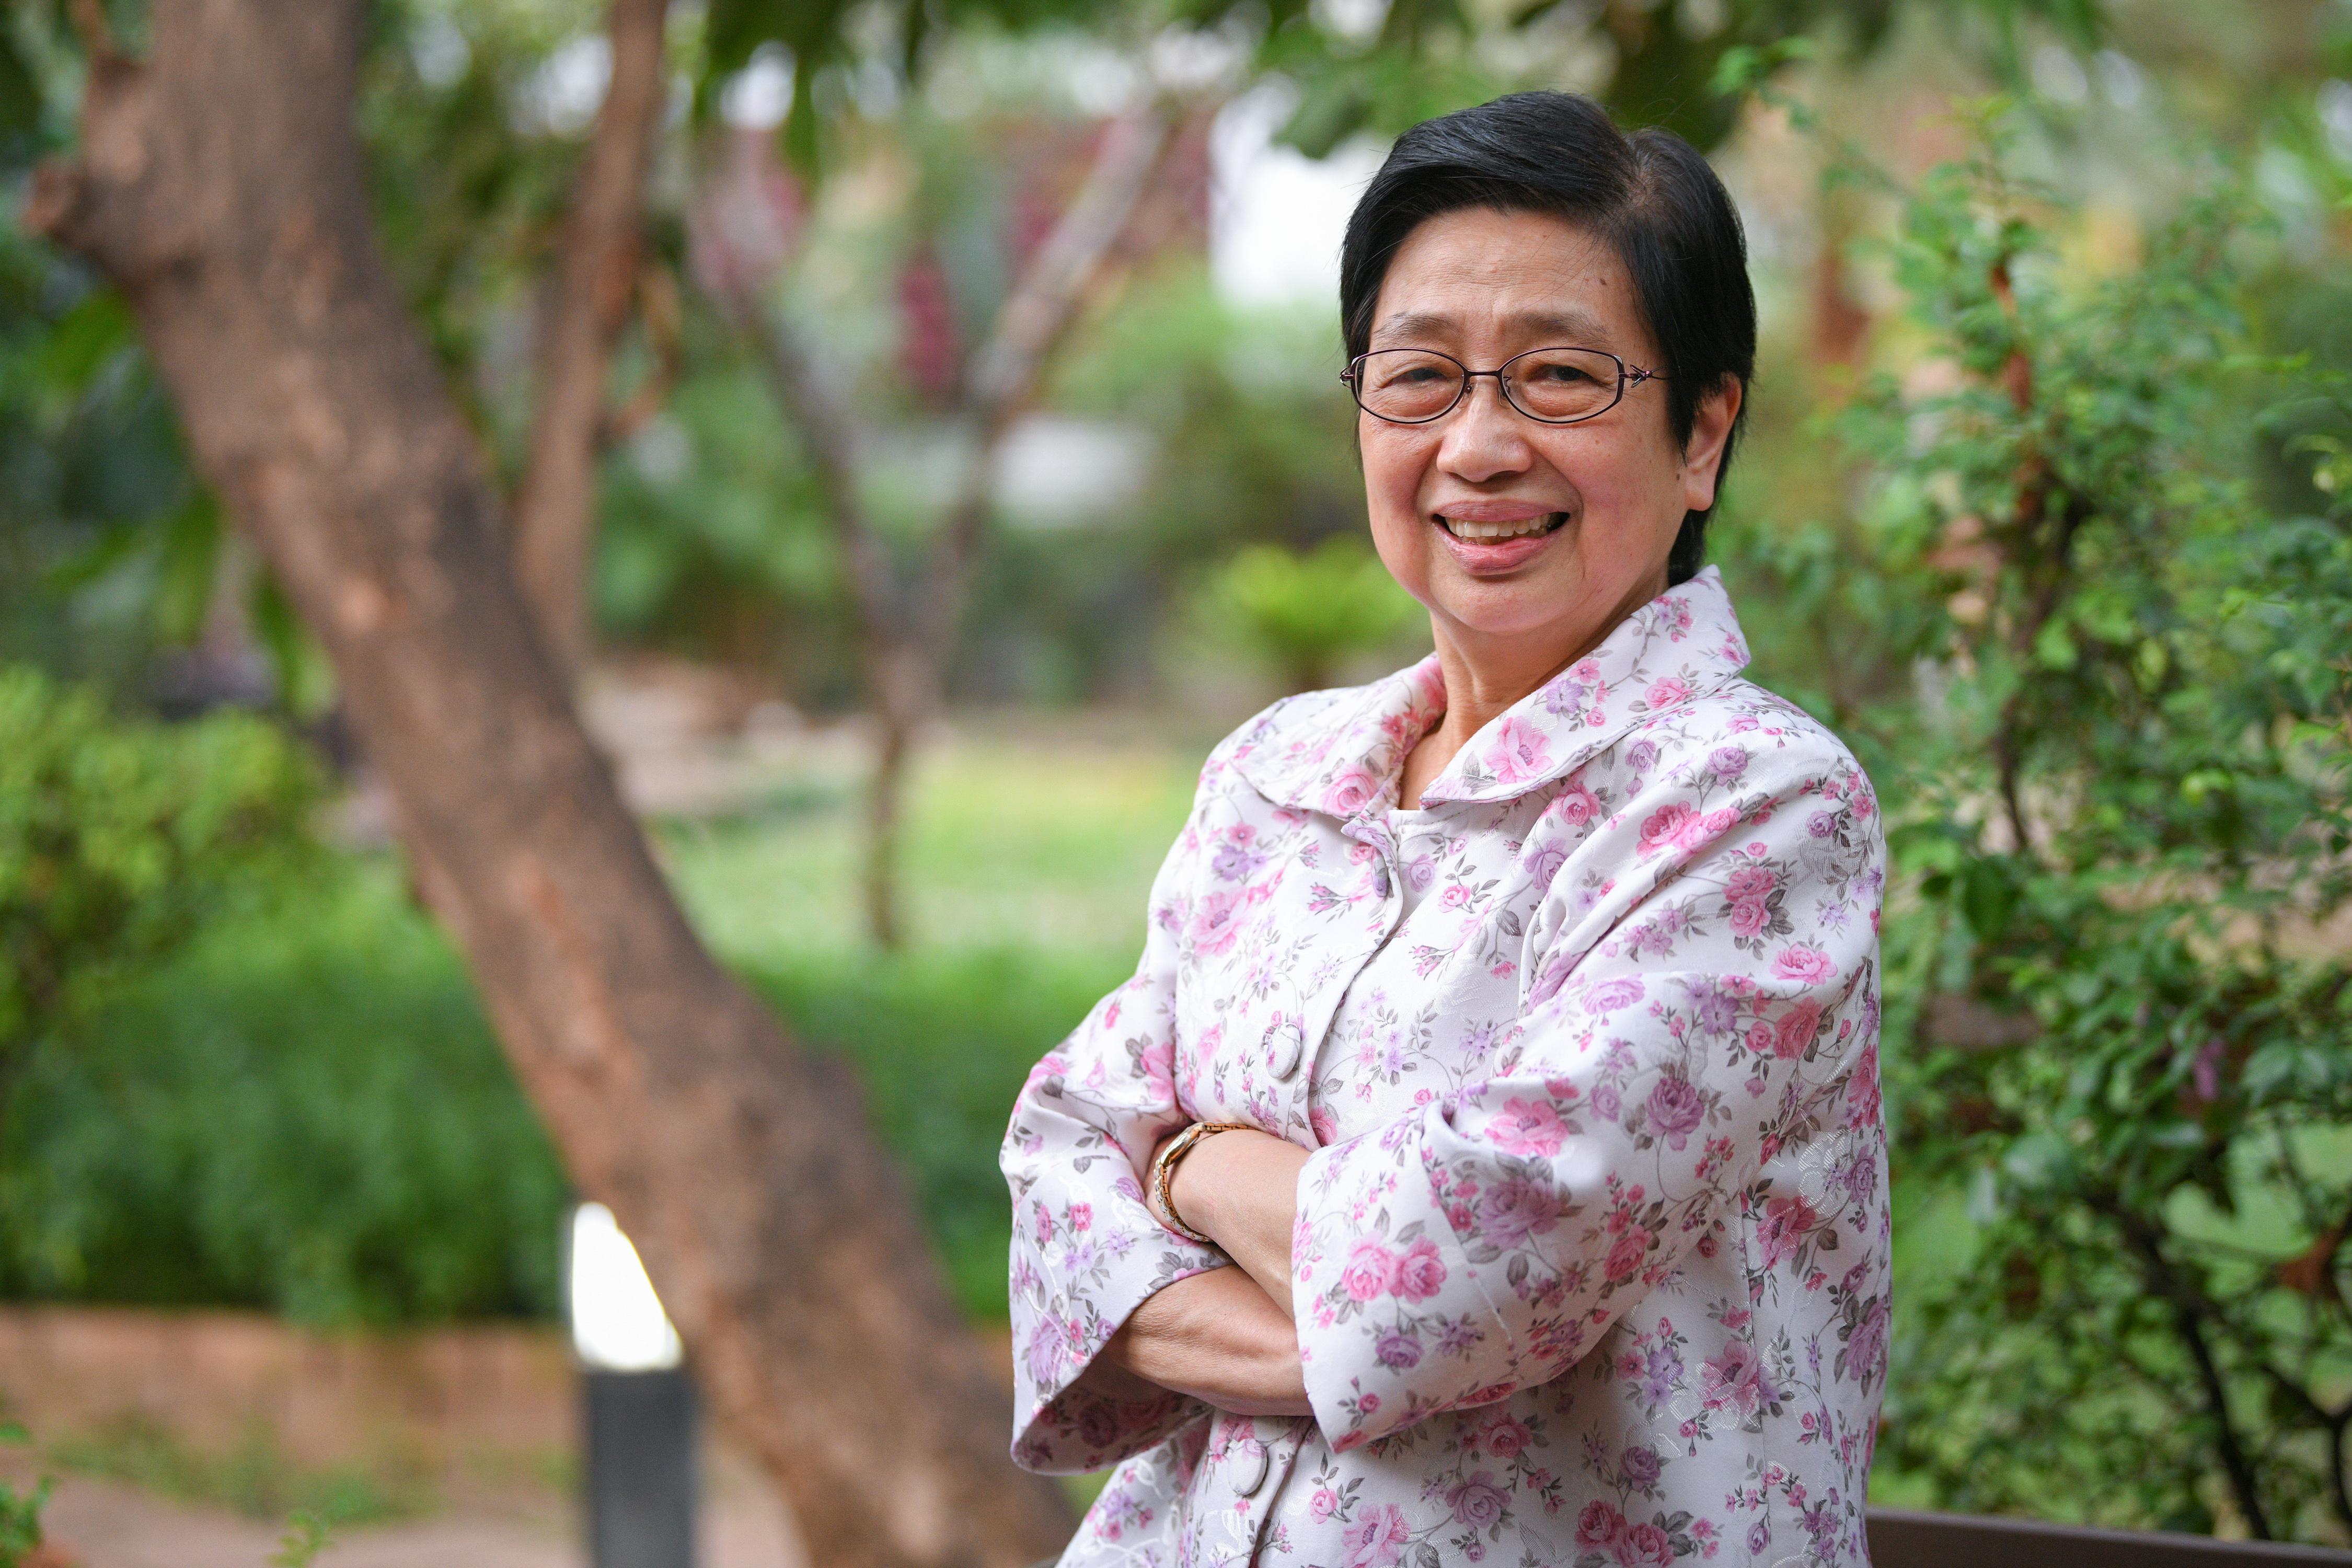 โควิด-19 กับผู้สูงวัย วิถีใหม่ที่ต้องดูแล thaihealth